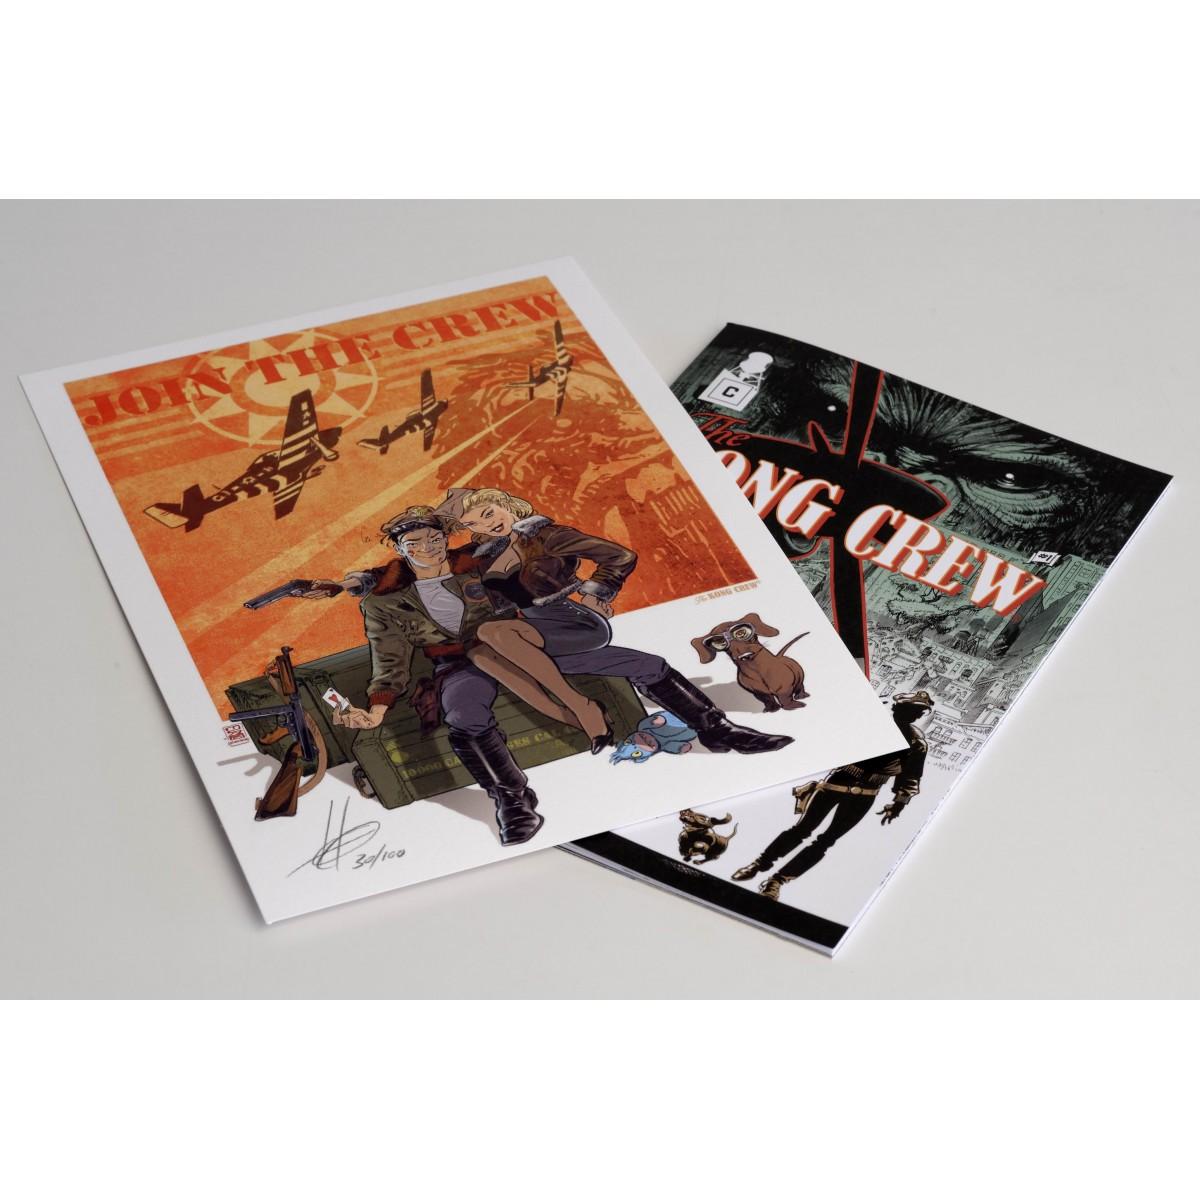 PACK - The KONG CREW - comic + print (signé et numéroté) - Eric Hérenguel